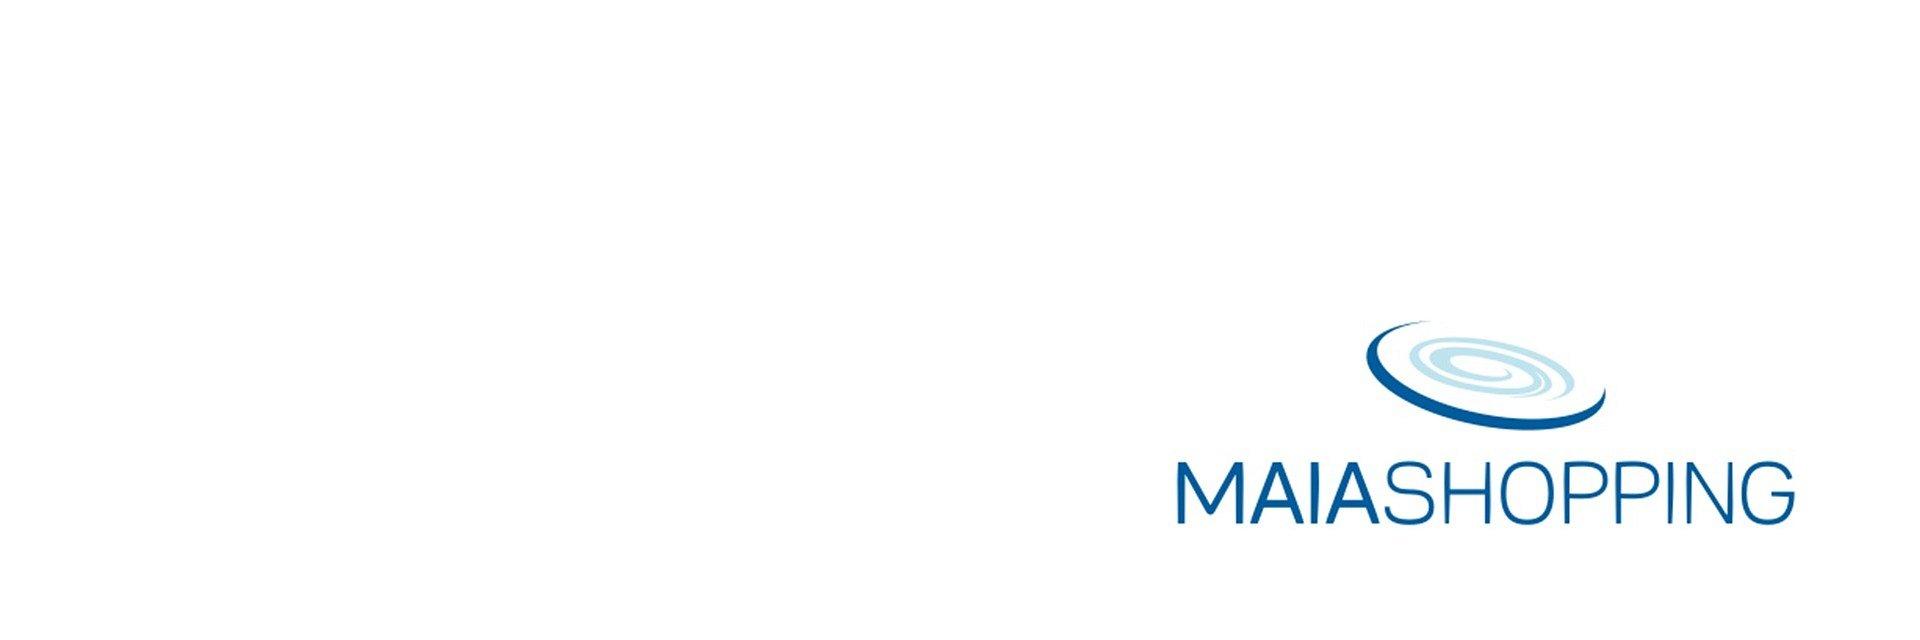 MaiaShopping promove II Caminhada do Dia da Mãe em Parceria com a APEG